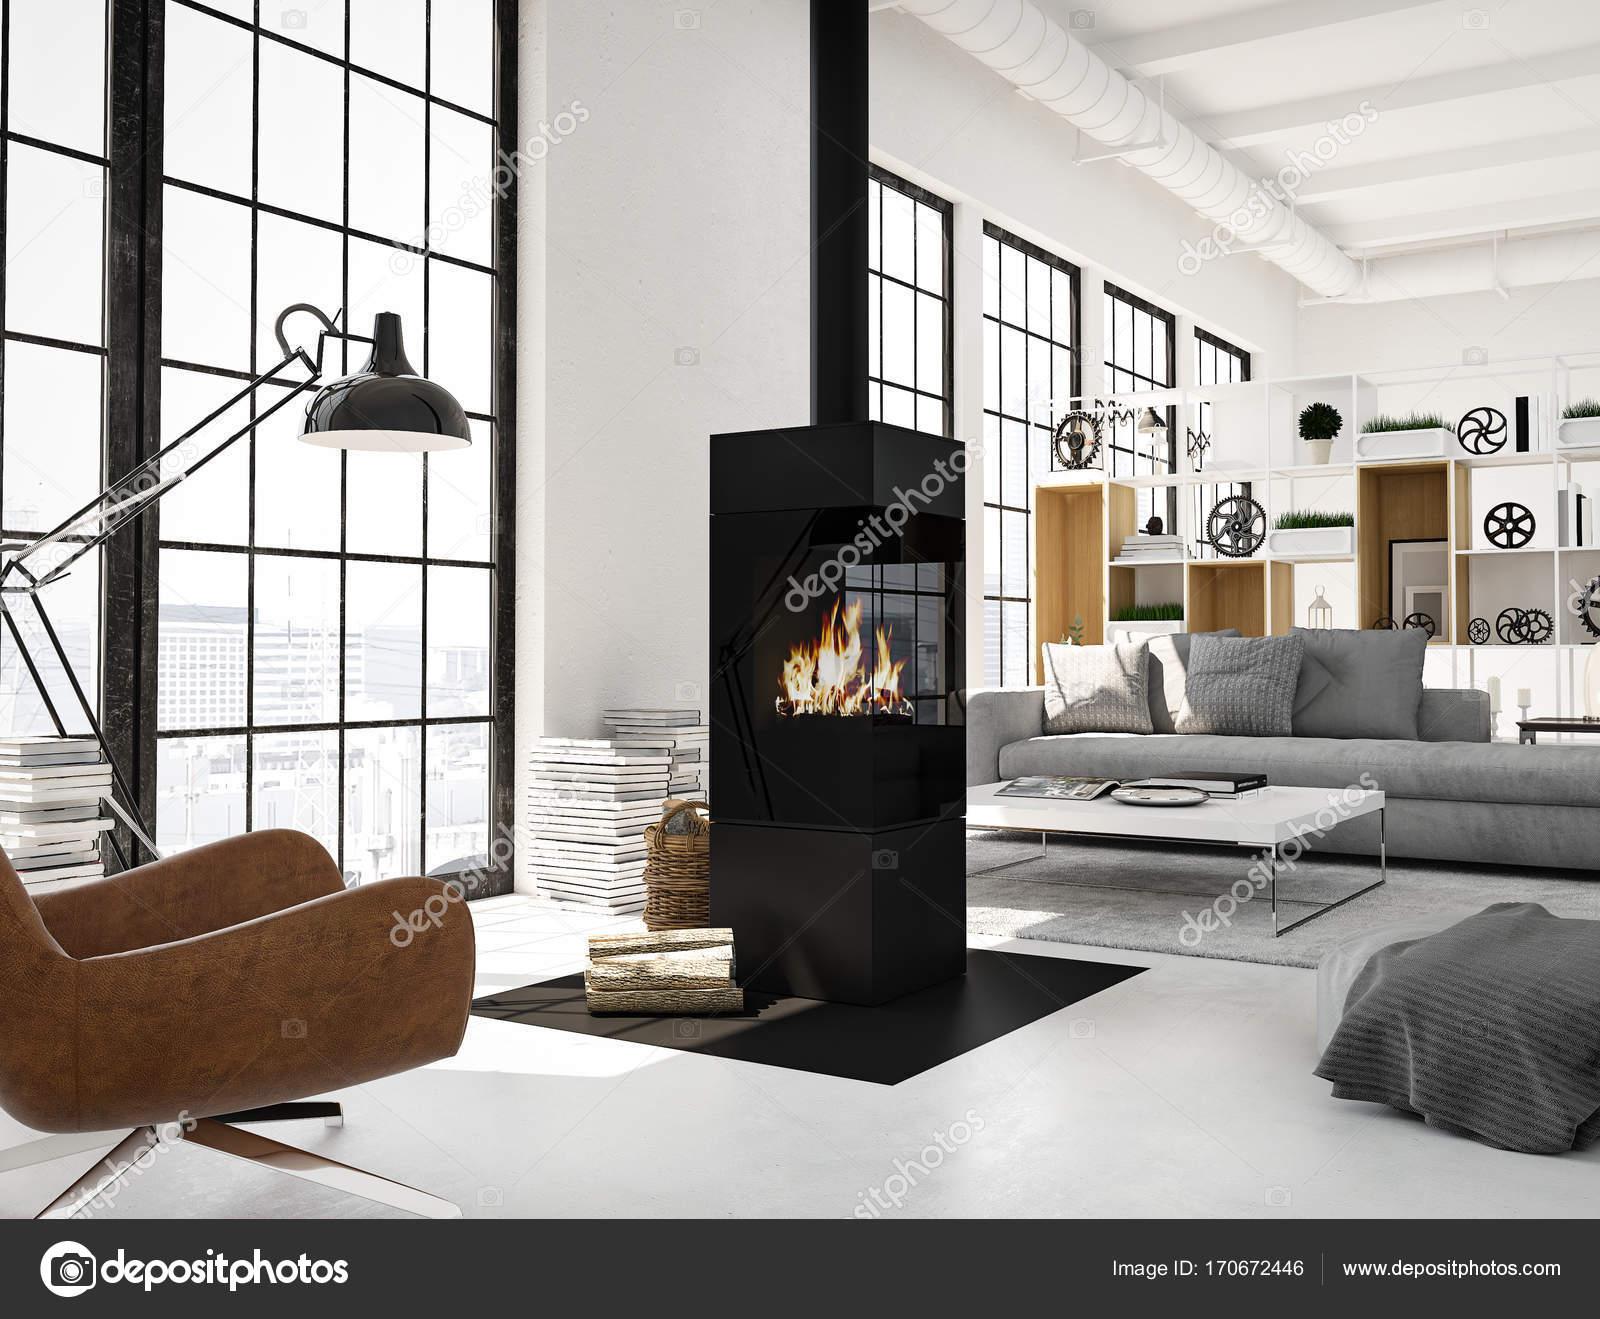 Rendering 3d soggiorno con camino in appartamento moderno loft foto stock 2mmedia 170672446 - Soggiorno moderno con camino ...